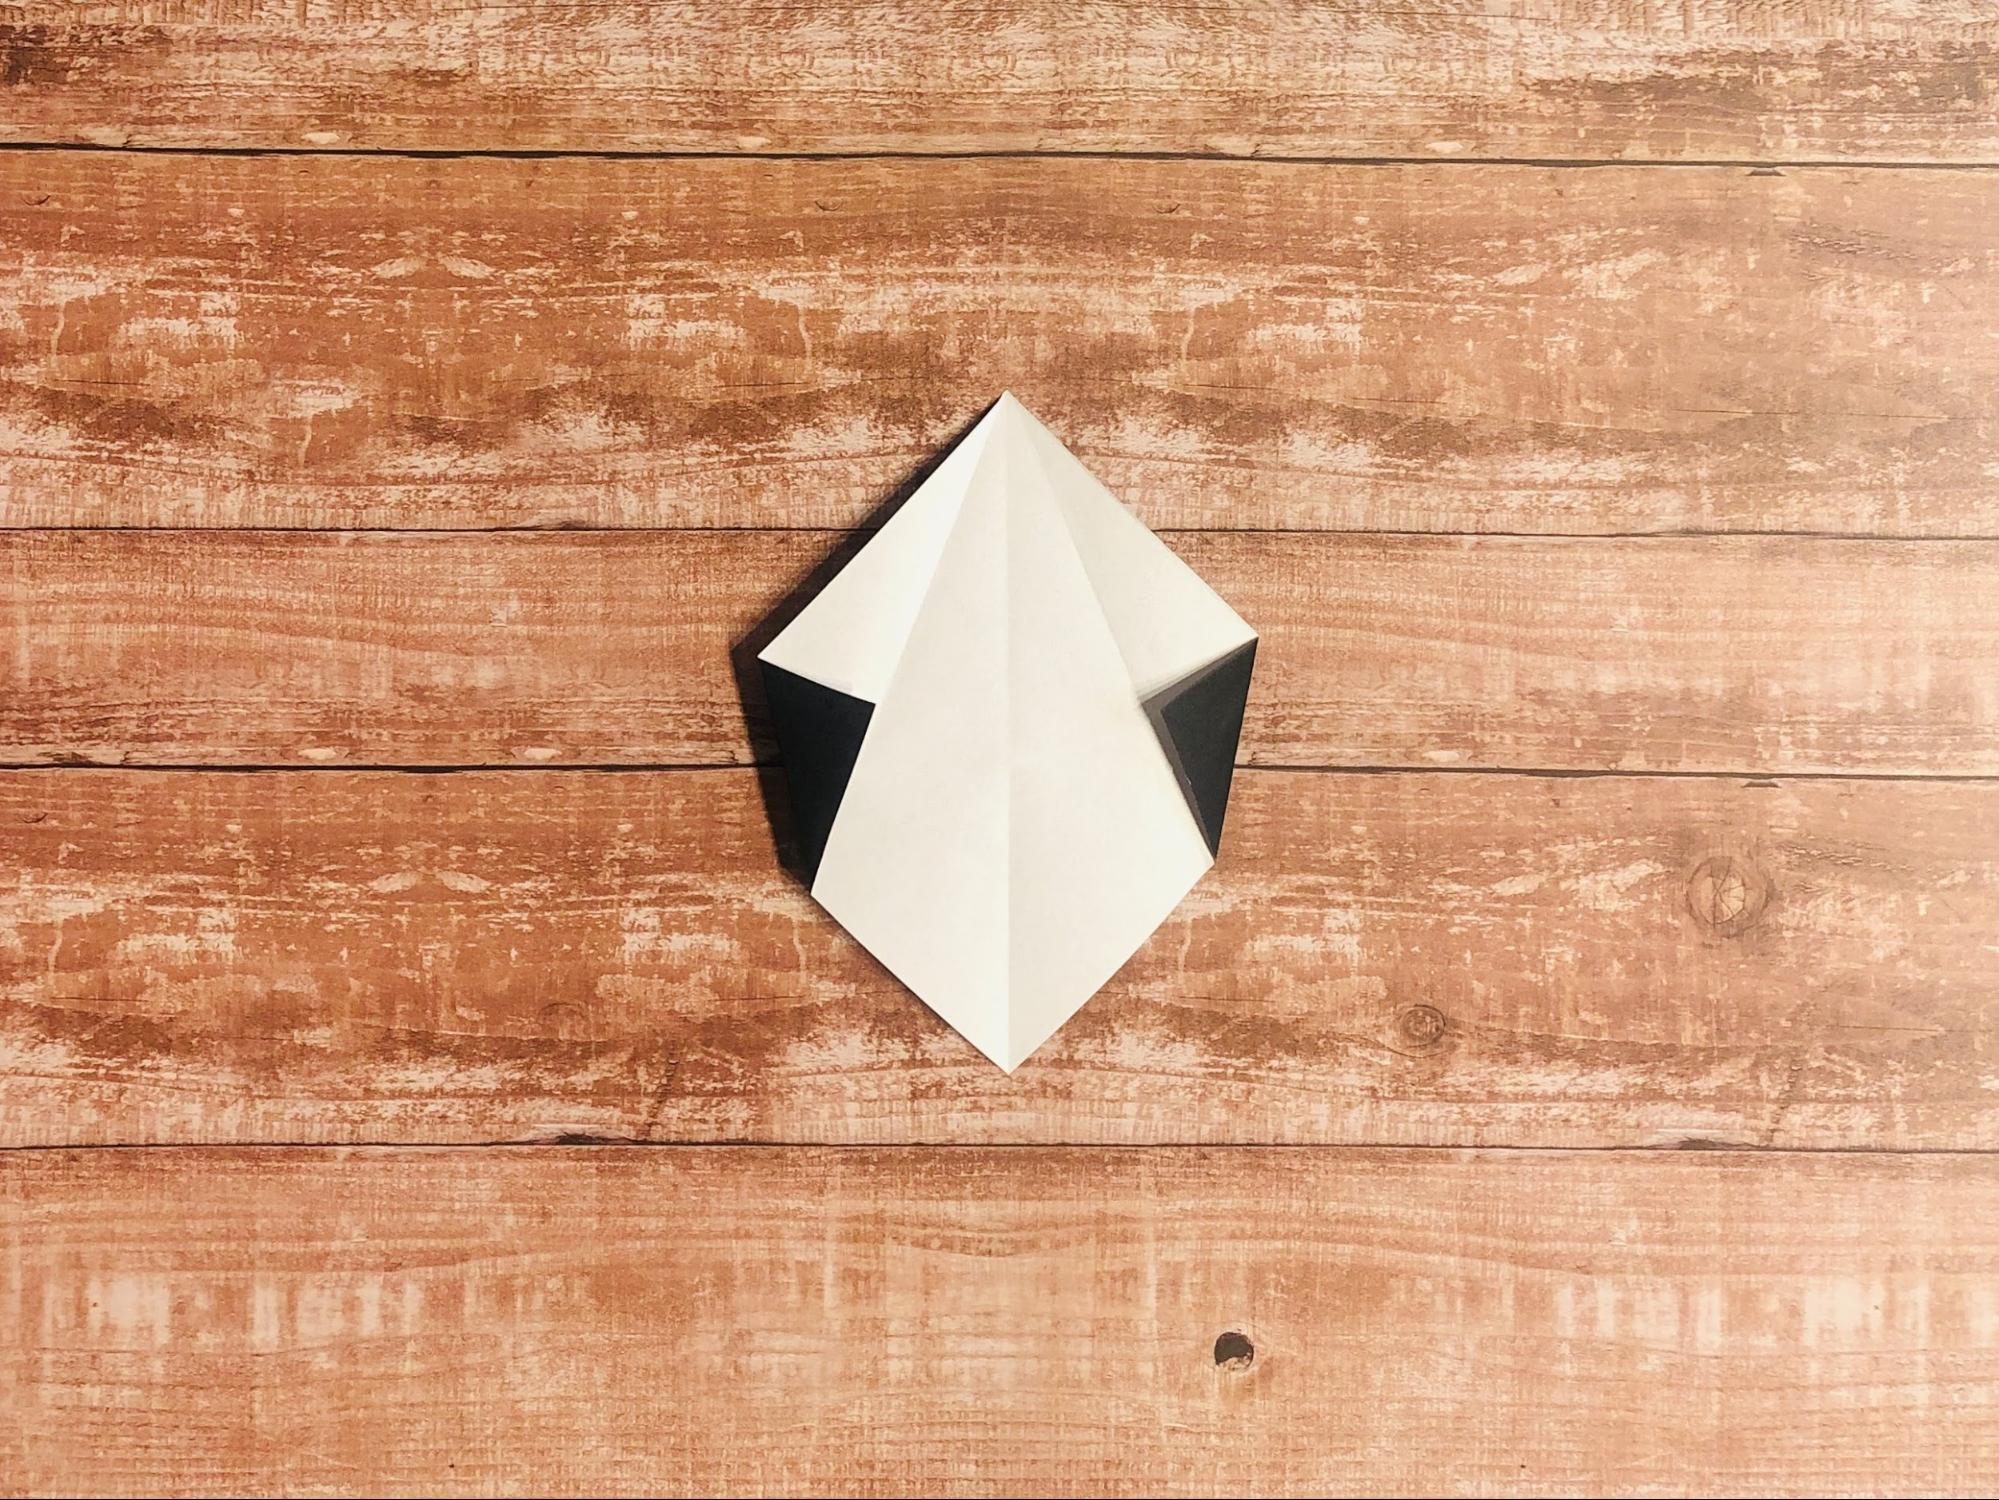 両端を、つけた折り目に合わせて折ります。